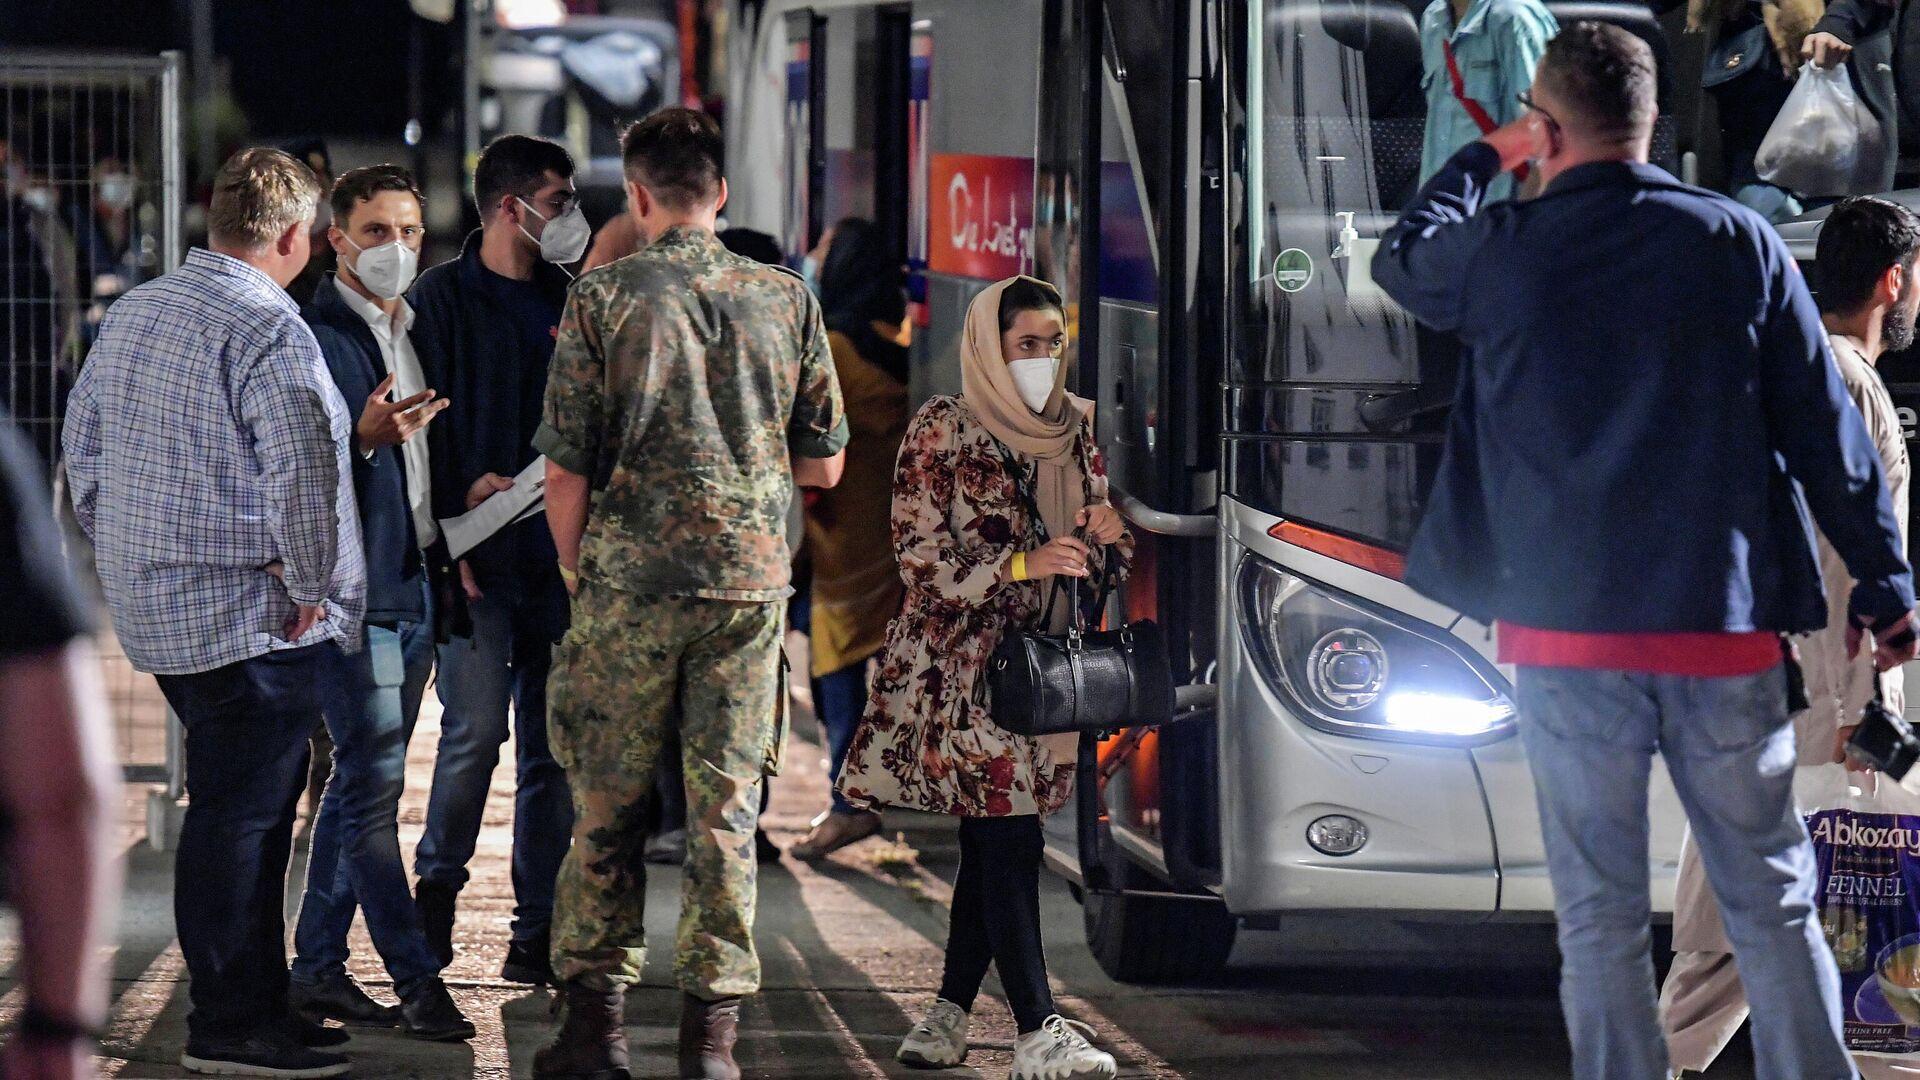 Die Ankunft eines Buses mit afghanishcen Flüchtlingen in Doberlug-Kirchhain  - SNA, 1920, 21.08.2021